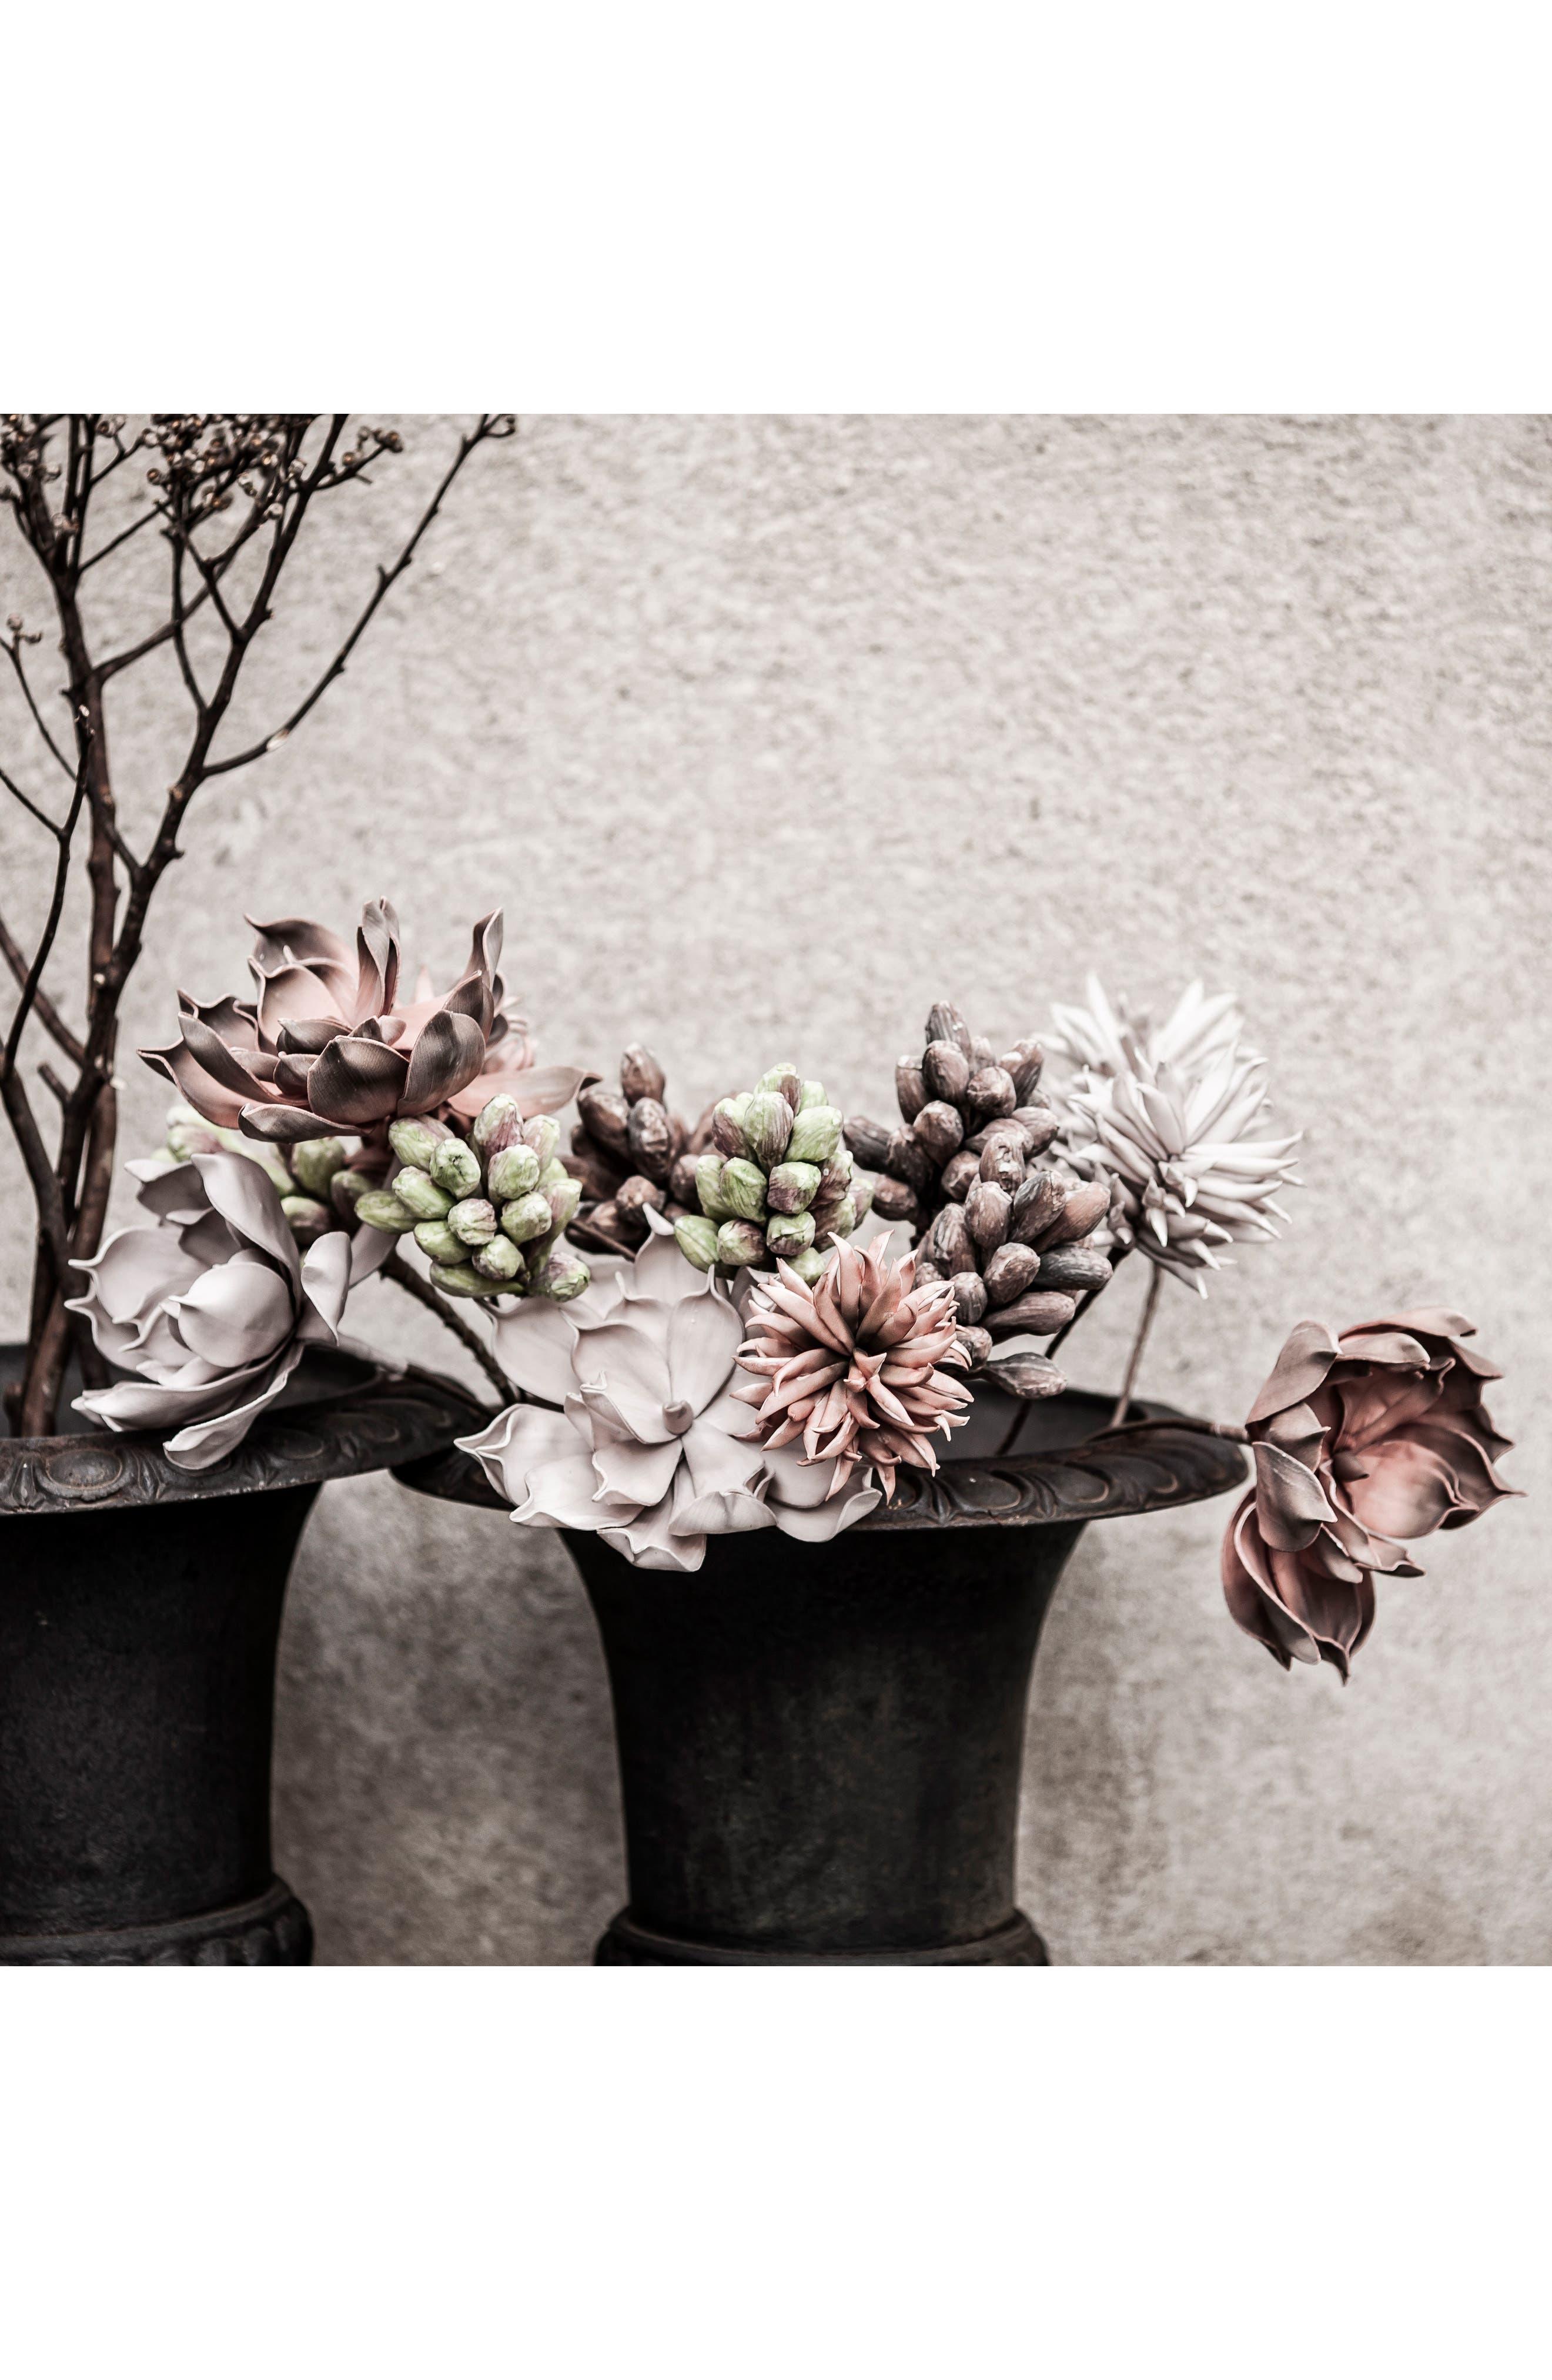 Alternate Image 3  - Eightmood Enea Decorative Flower